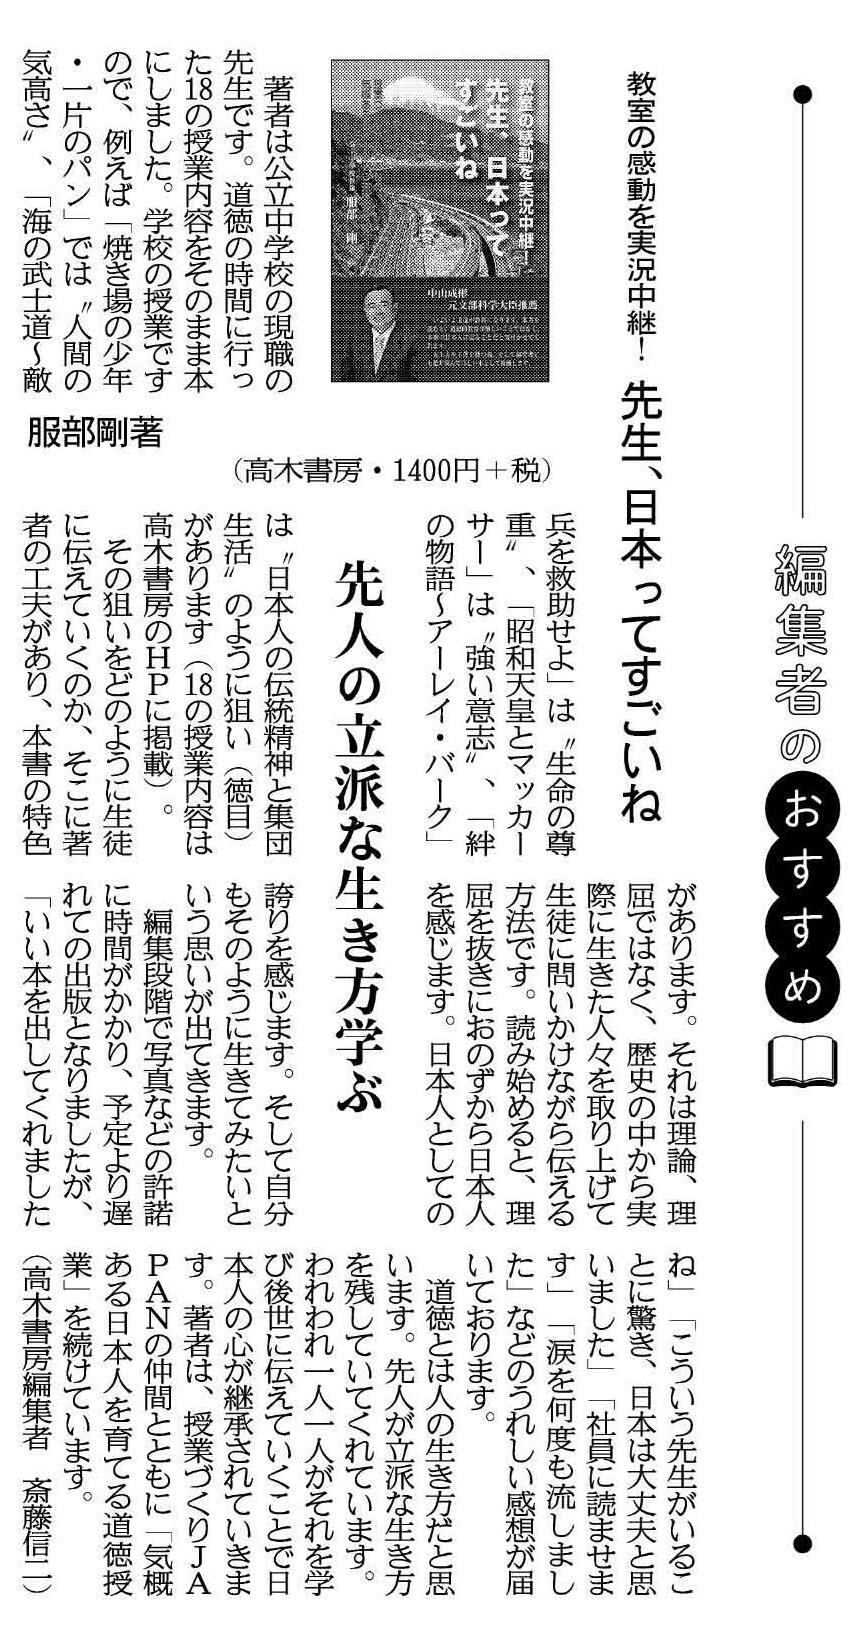 20151031産経書評